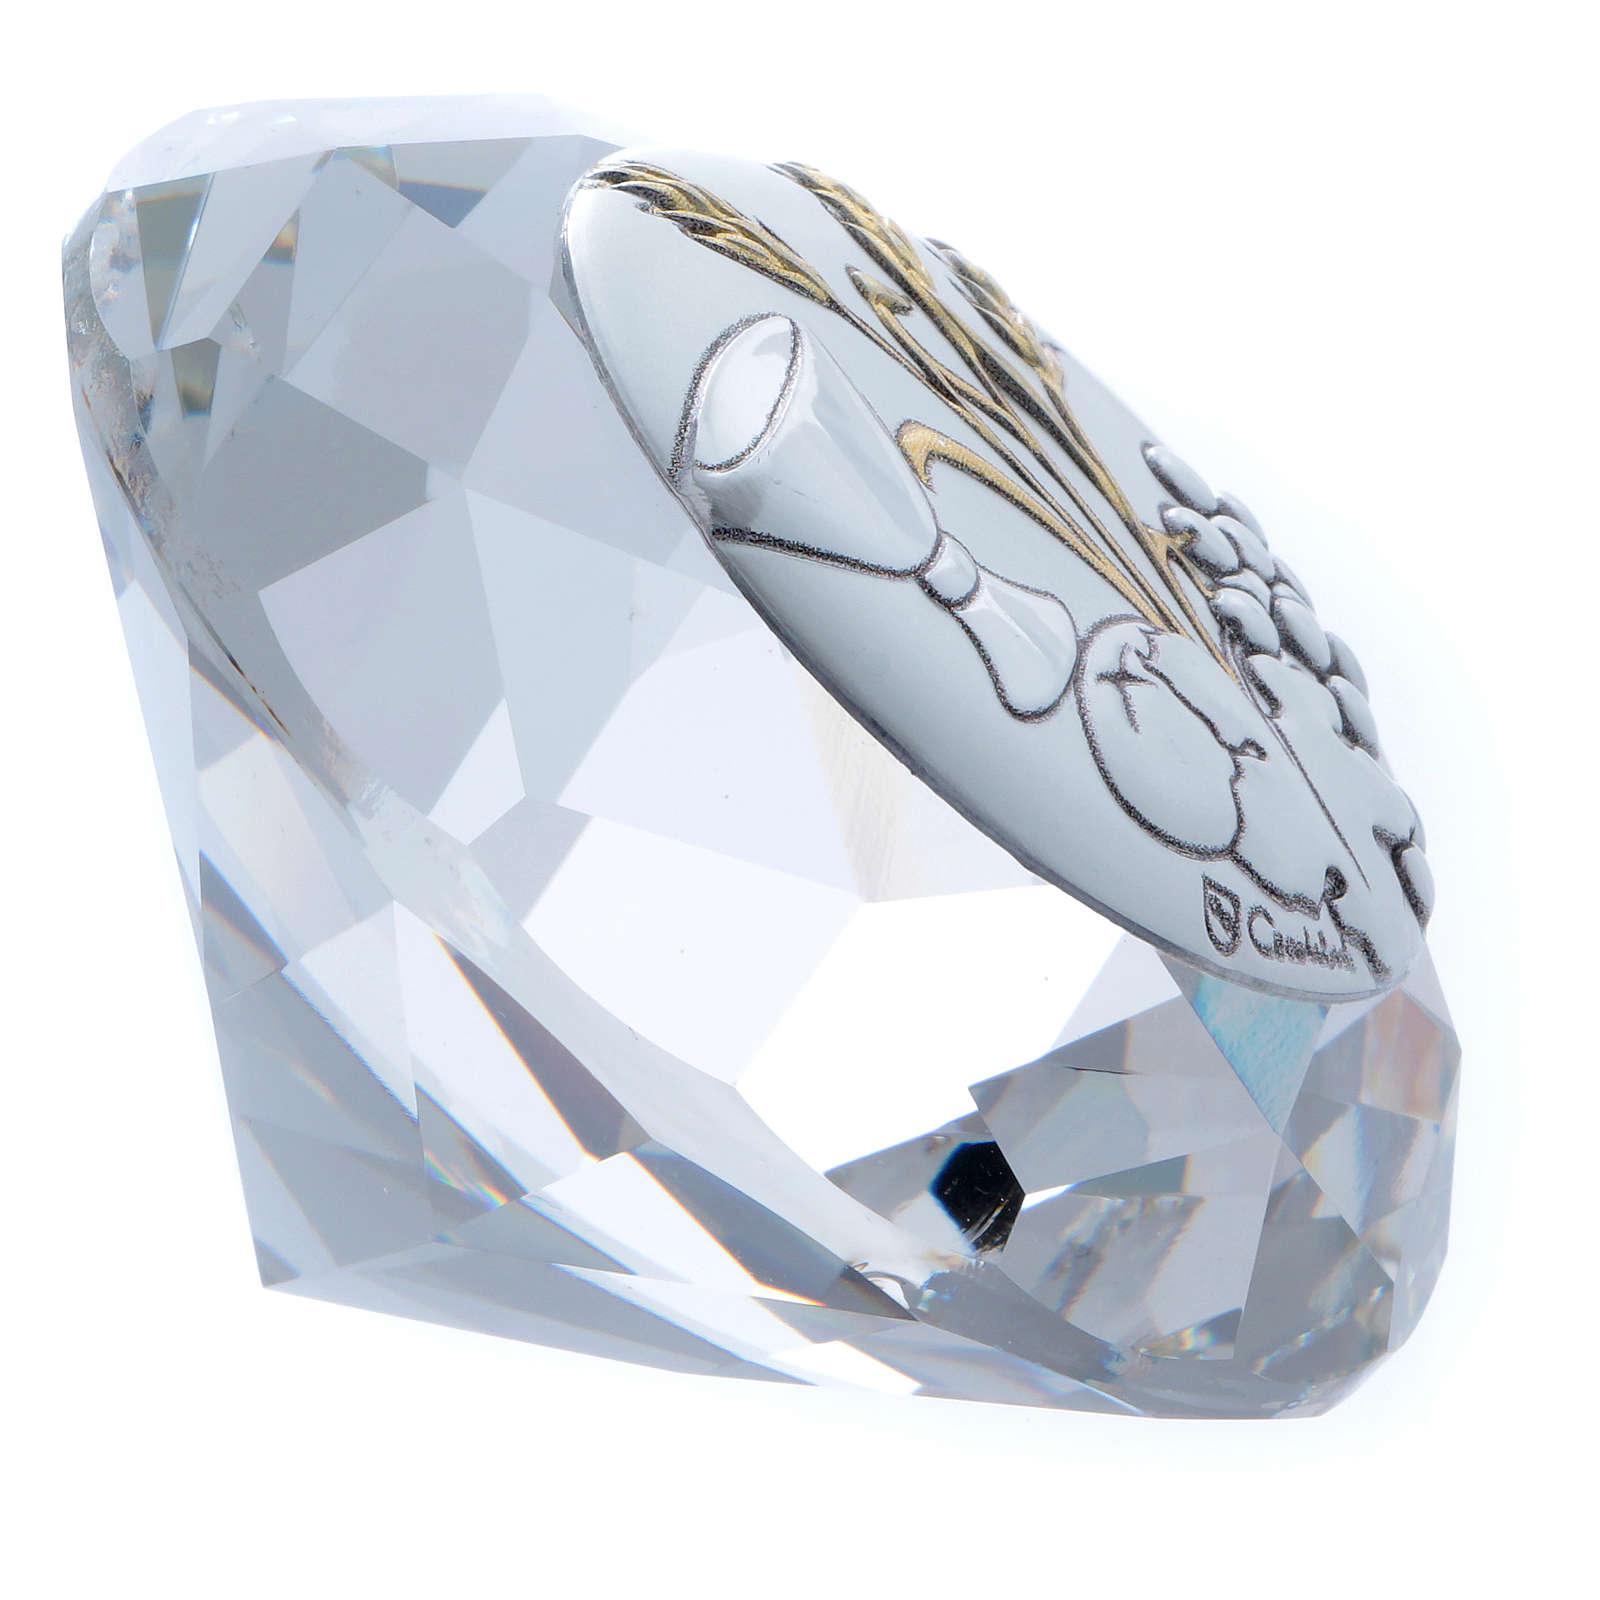 Diamante con placca metallo spiga, grano, calice e uva 4 cm 3